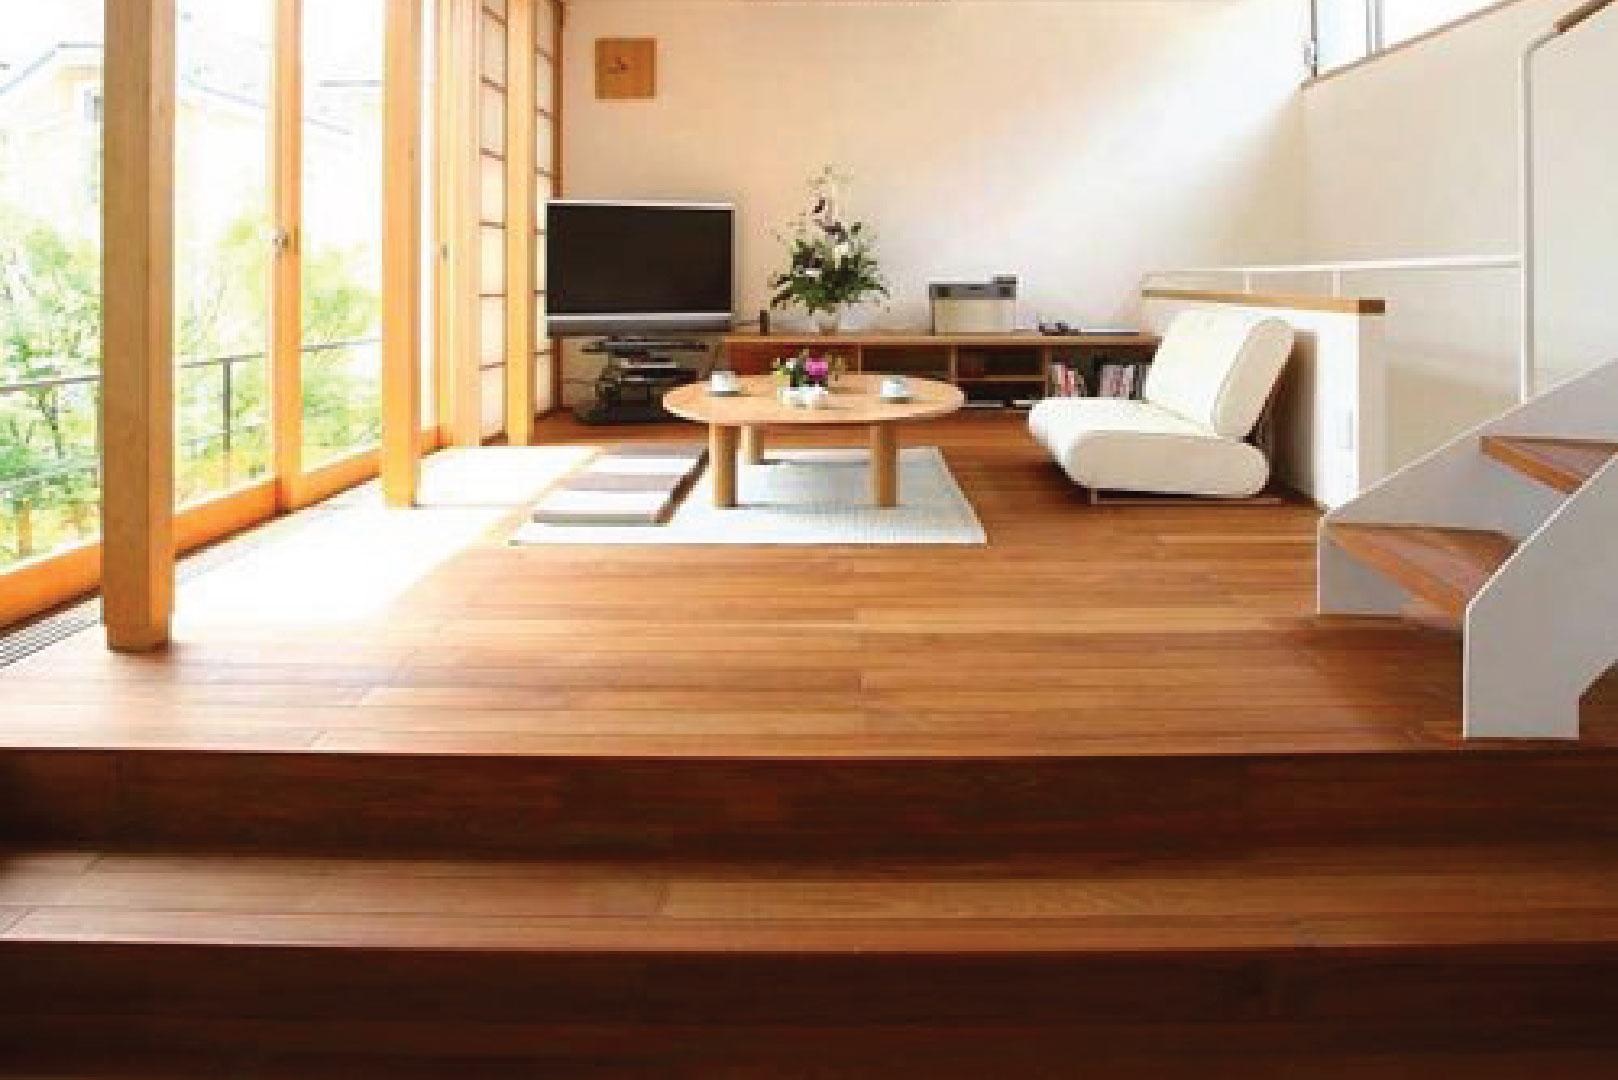 ไม้พื้น เอสซีจี รุ่นเบสิค ขนาด 10x300x2.5 ซม. สีรองพื้น 1